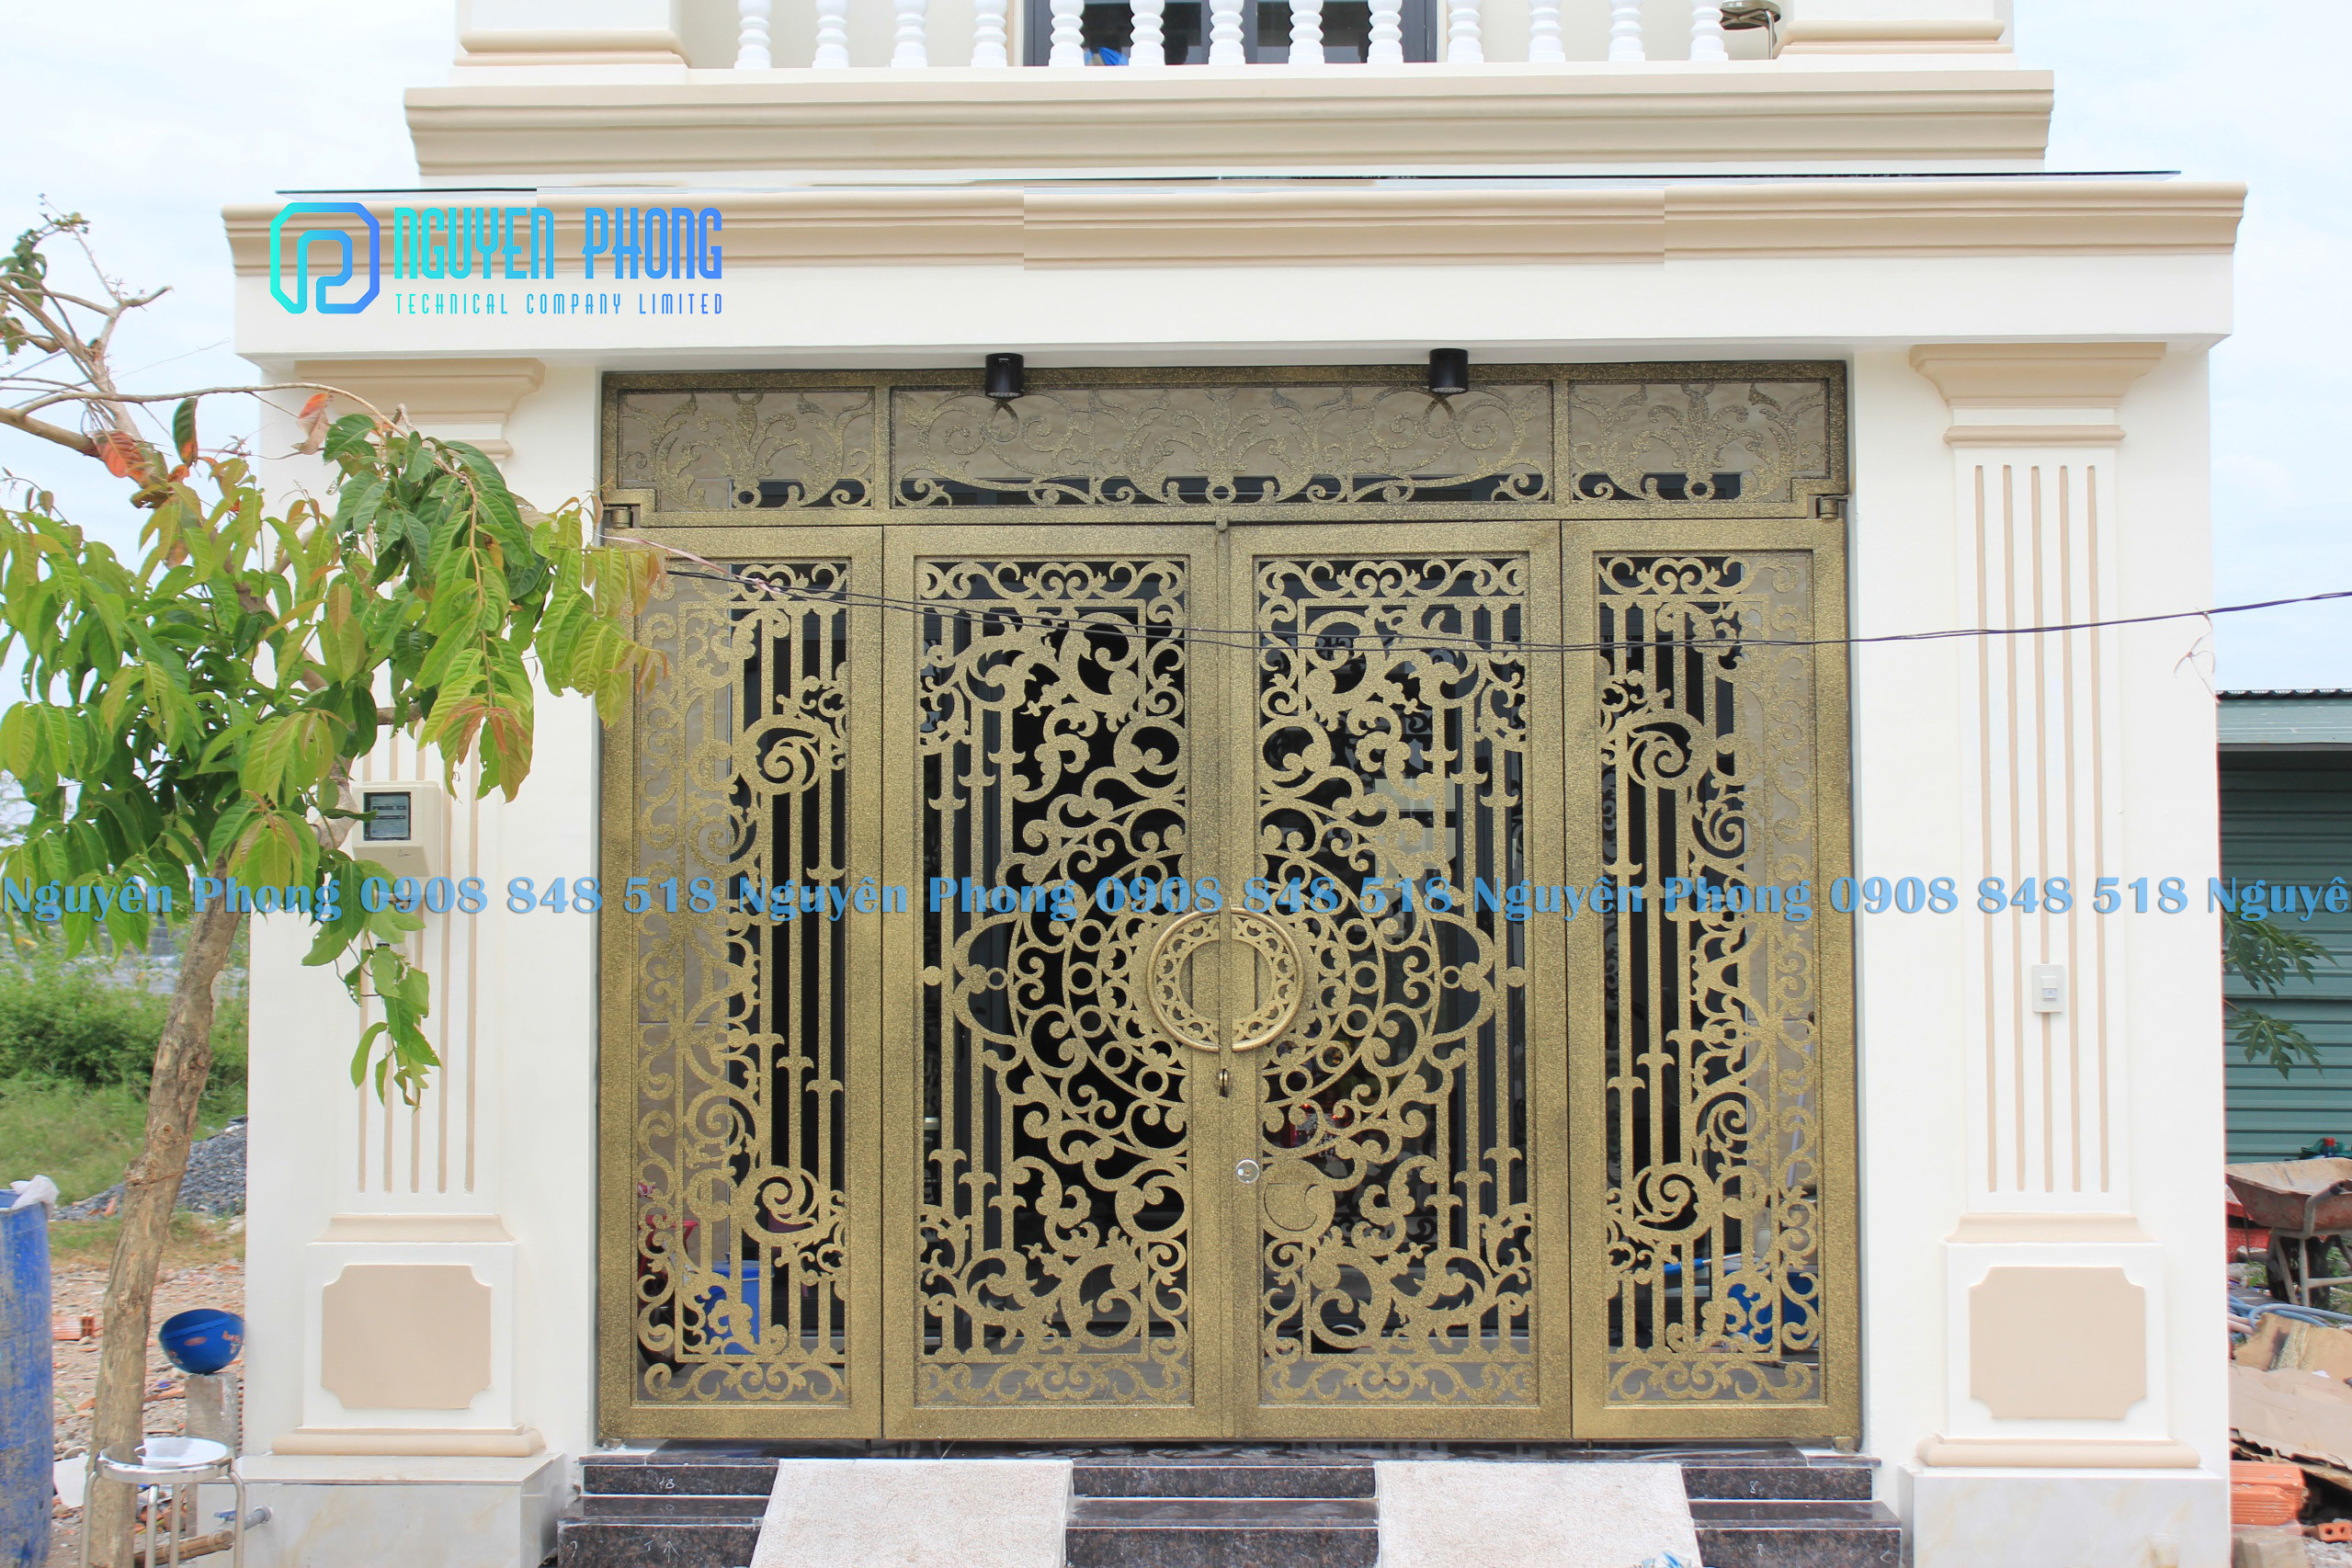 Thiết kế, gia công, thi công cửa cổng sắt mỹ thuật đẹp, cổng cnc giá tốt